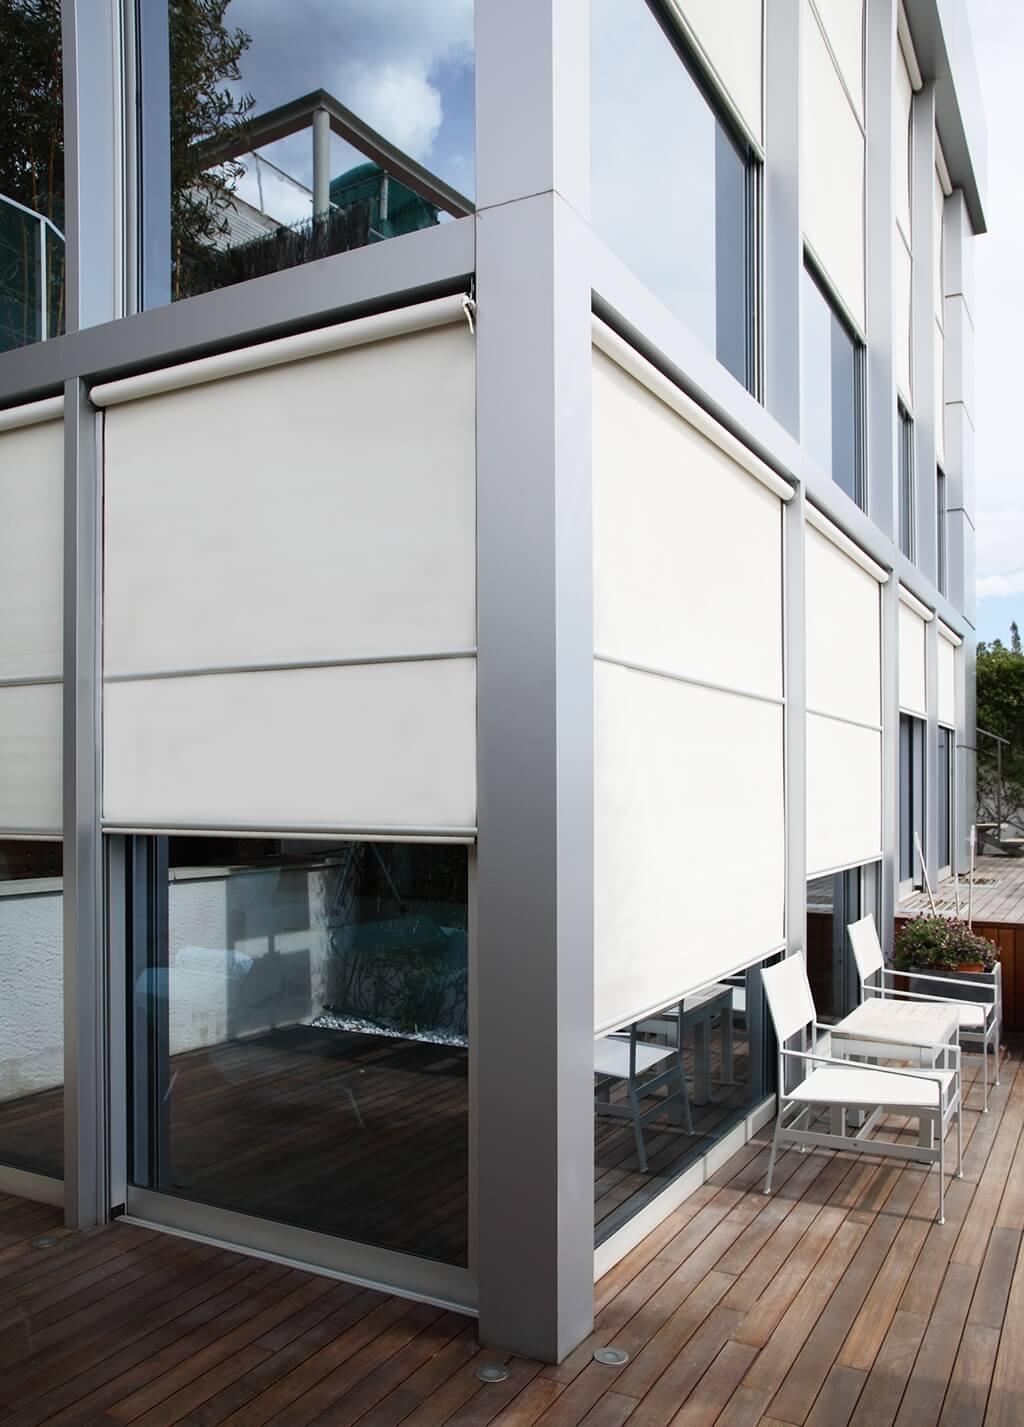 Sonnenschutz für Ihre Terrasse komfortable Schattenspender